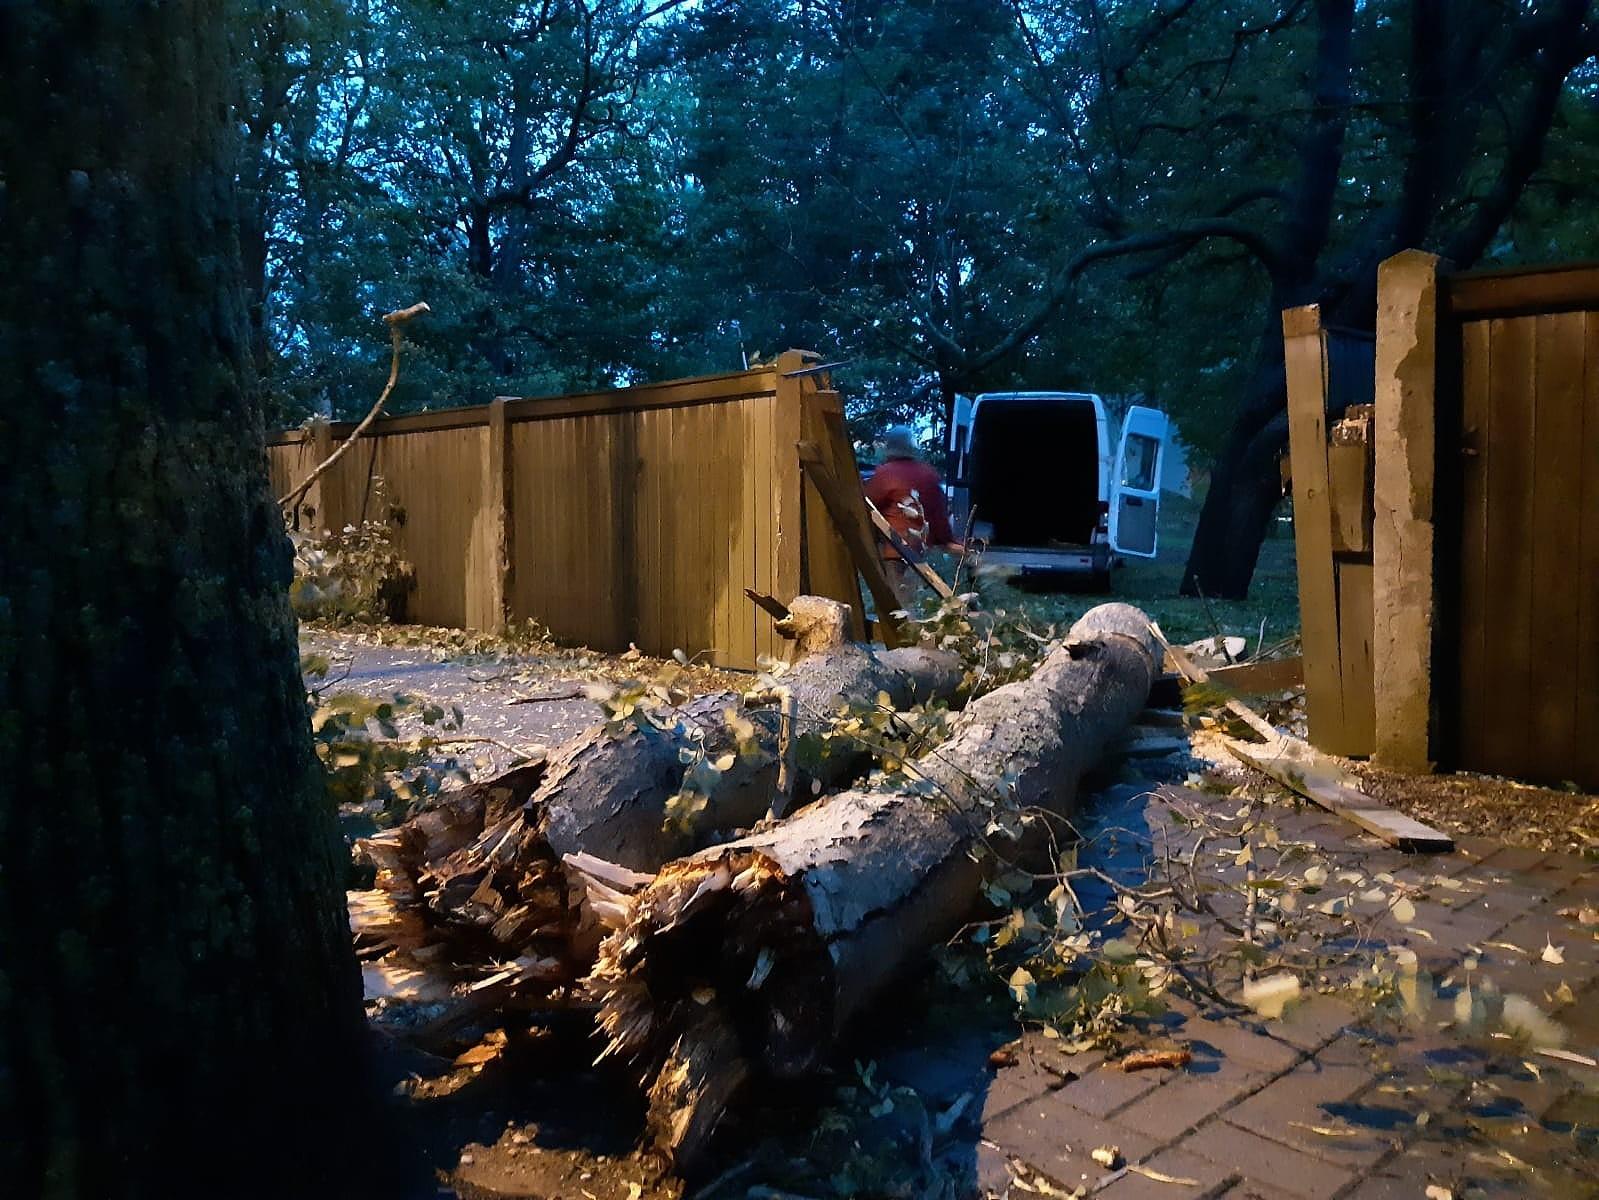 Ветер сломал полтора десятка деревьев; повреждены инфраструктура и имущество